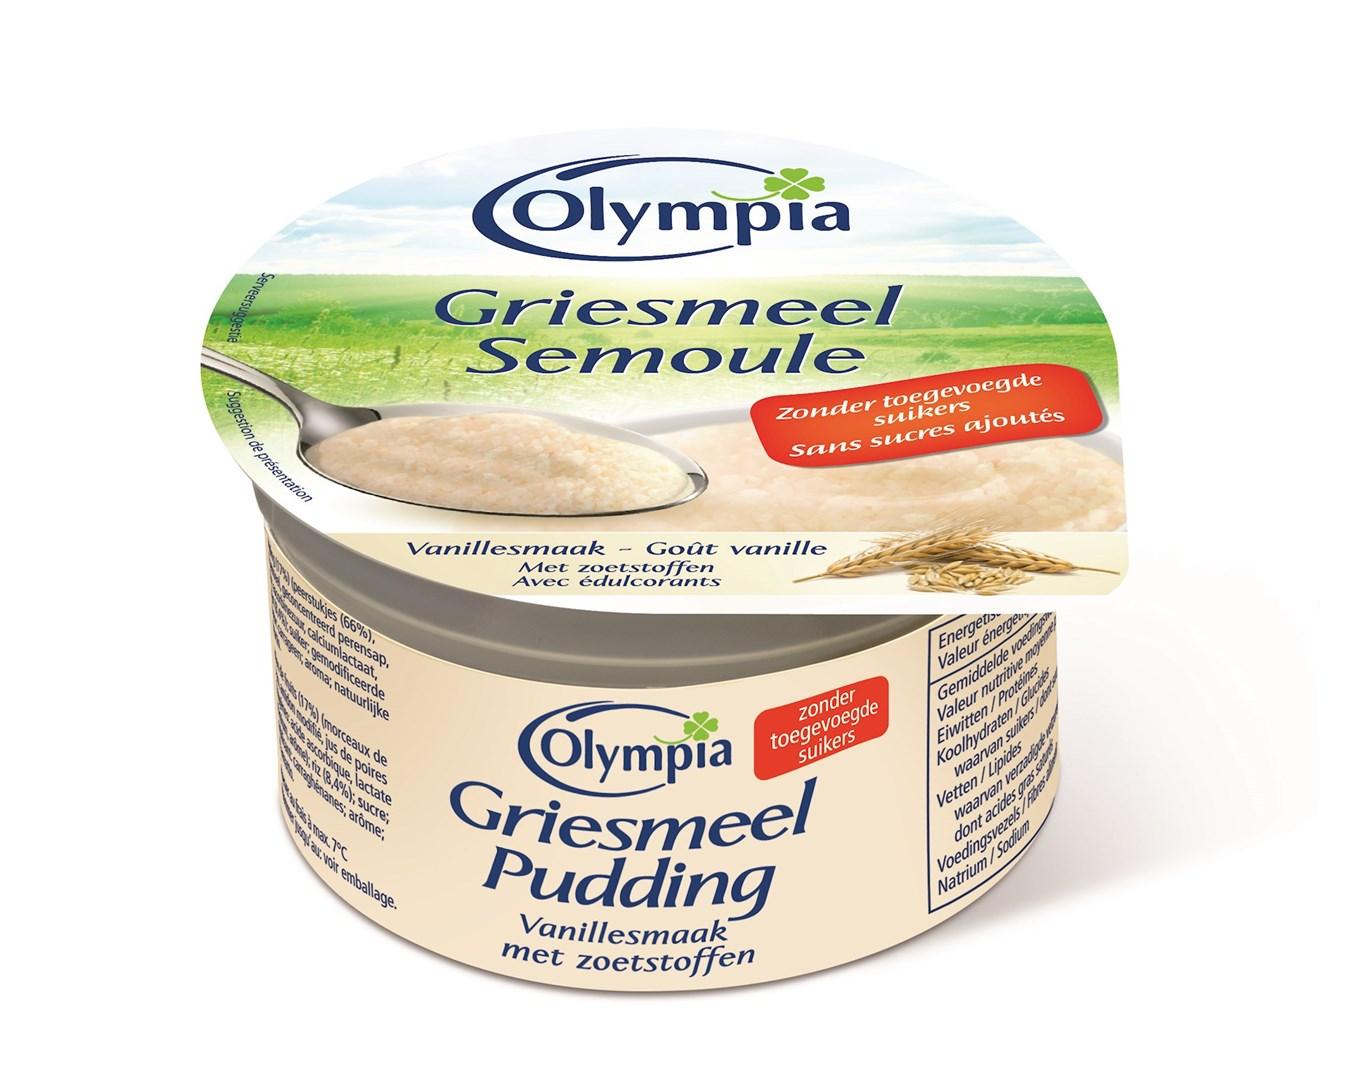 Productafbeelding Griesmeelpudding vanillesmaak met zoetstoffen 100g